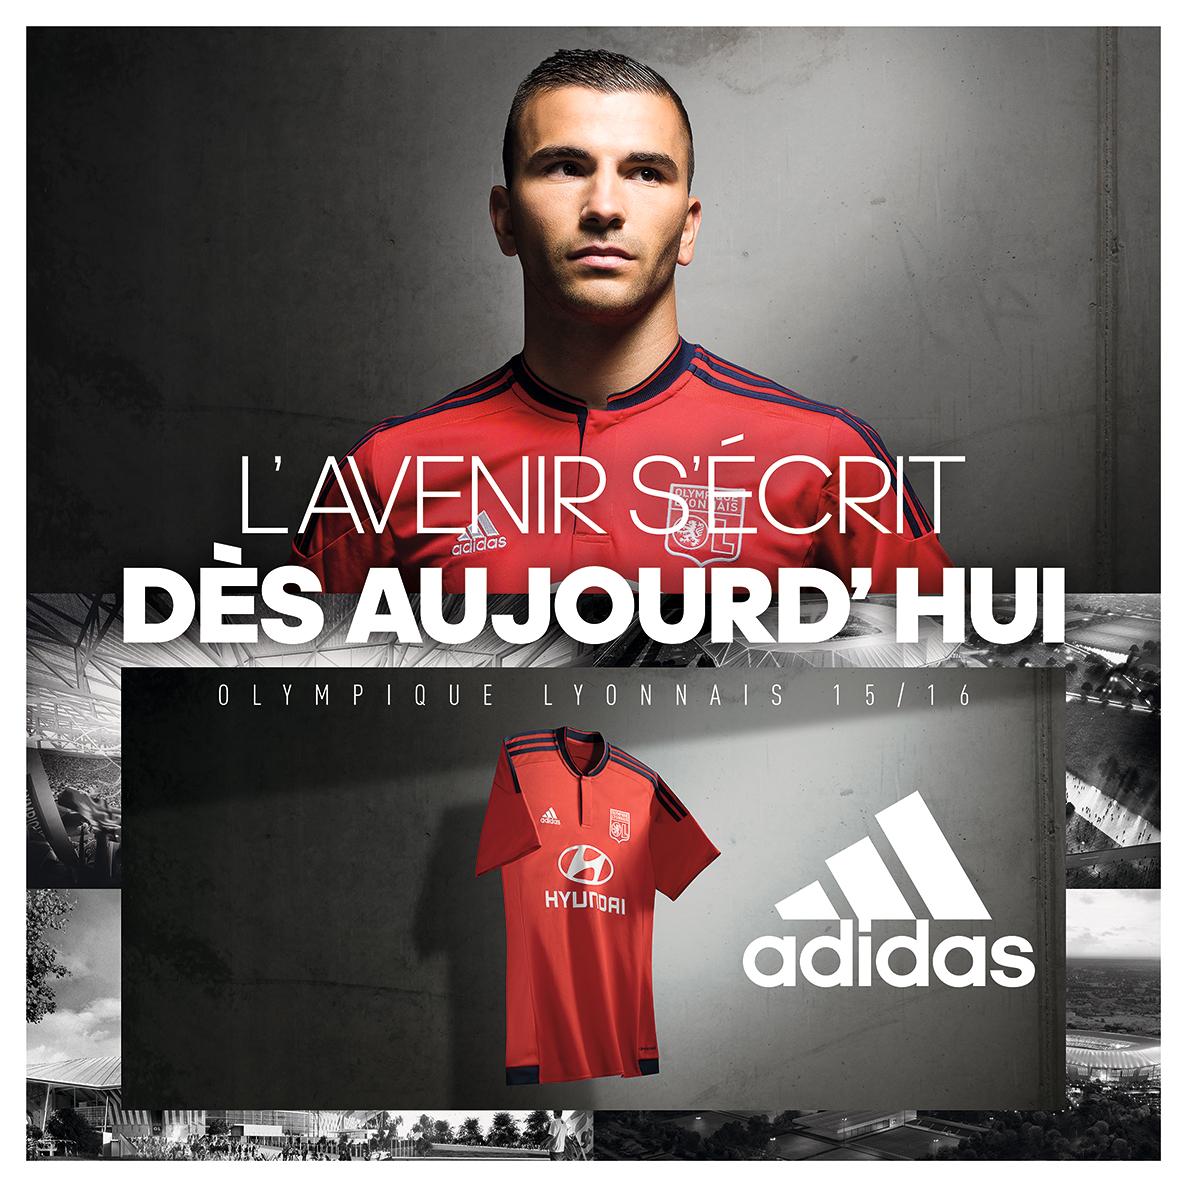 adidas présente les maillots domicile/extérieur de l'Olympique Lyonnais 2015/16